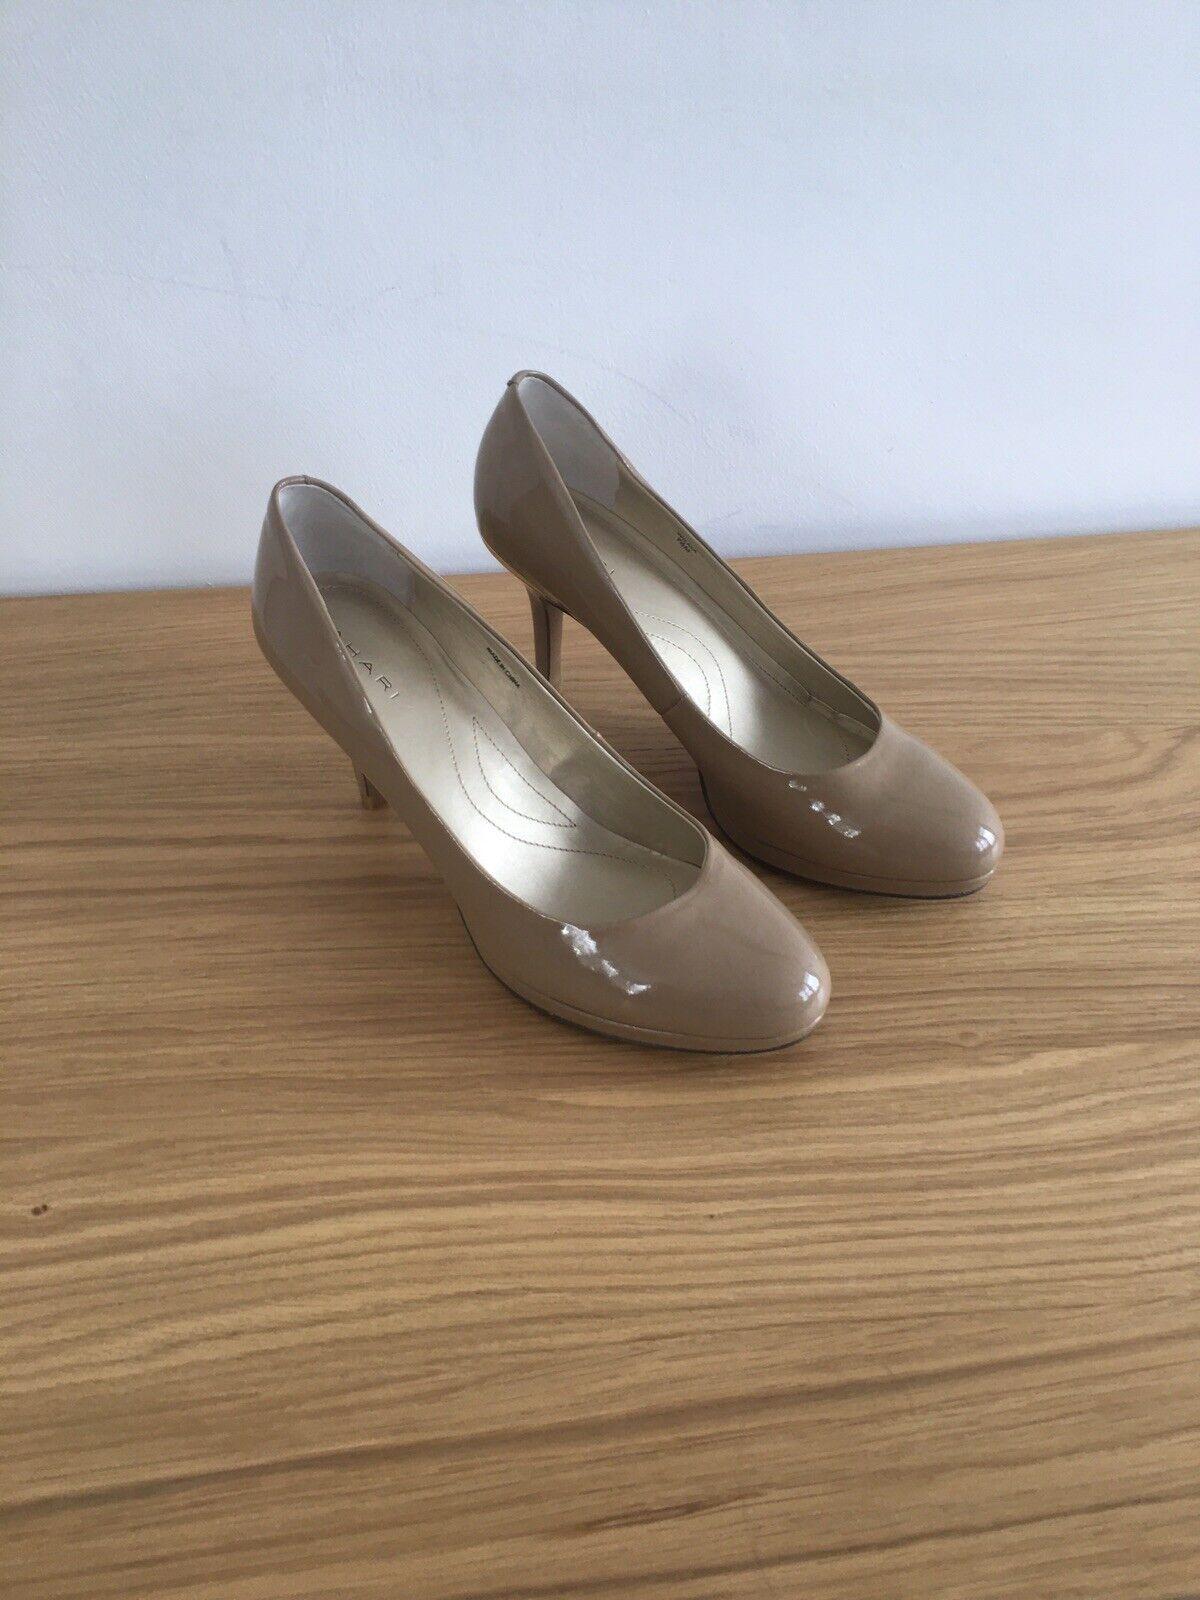 Tahari High Heel Shoes UK7 US9.5 New Heel 9cm